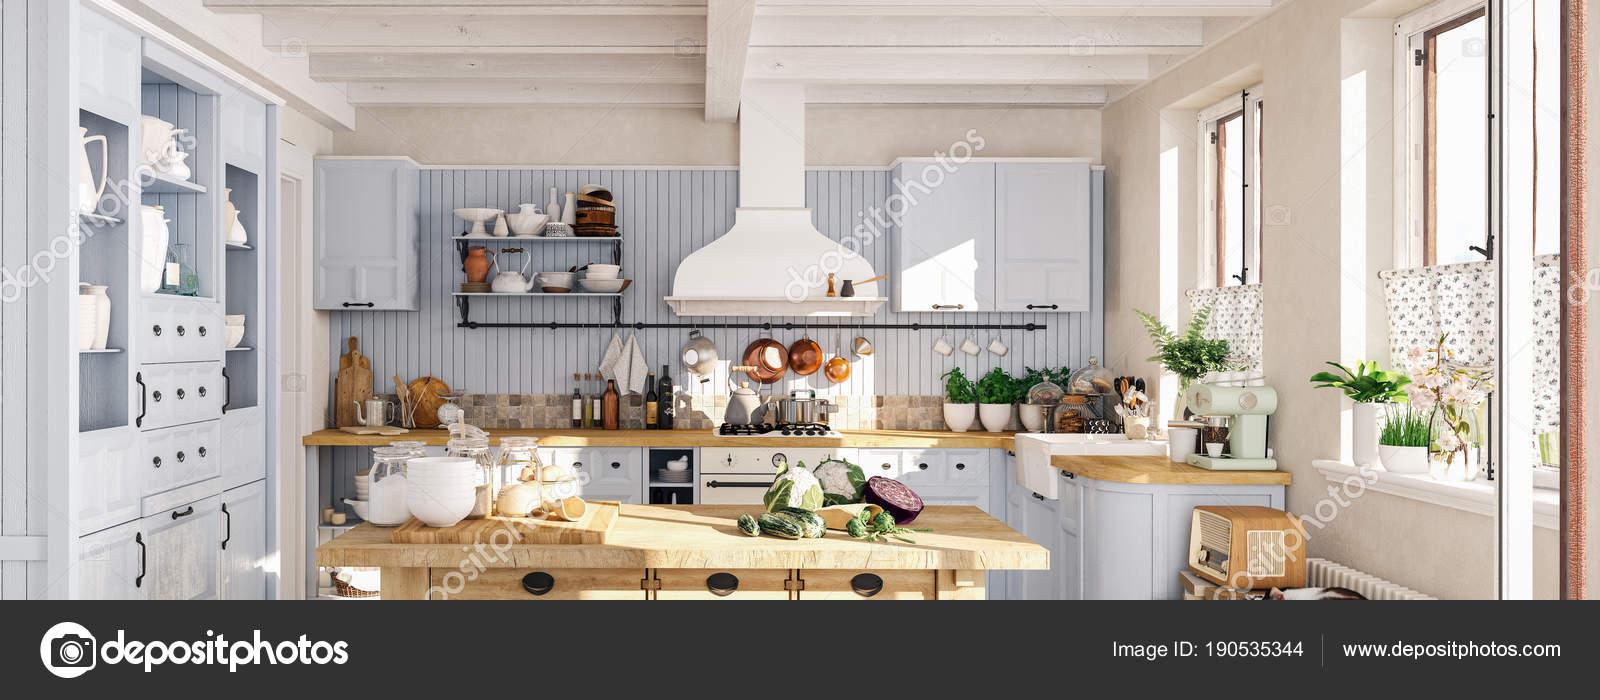 Faszinierend Retro Küche Ideen Von Retro-küche In Einer Hütte Mit Schlafenden Katze